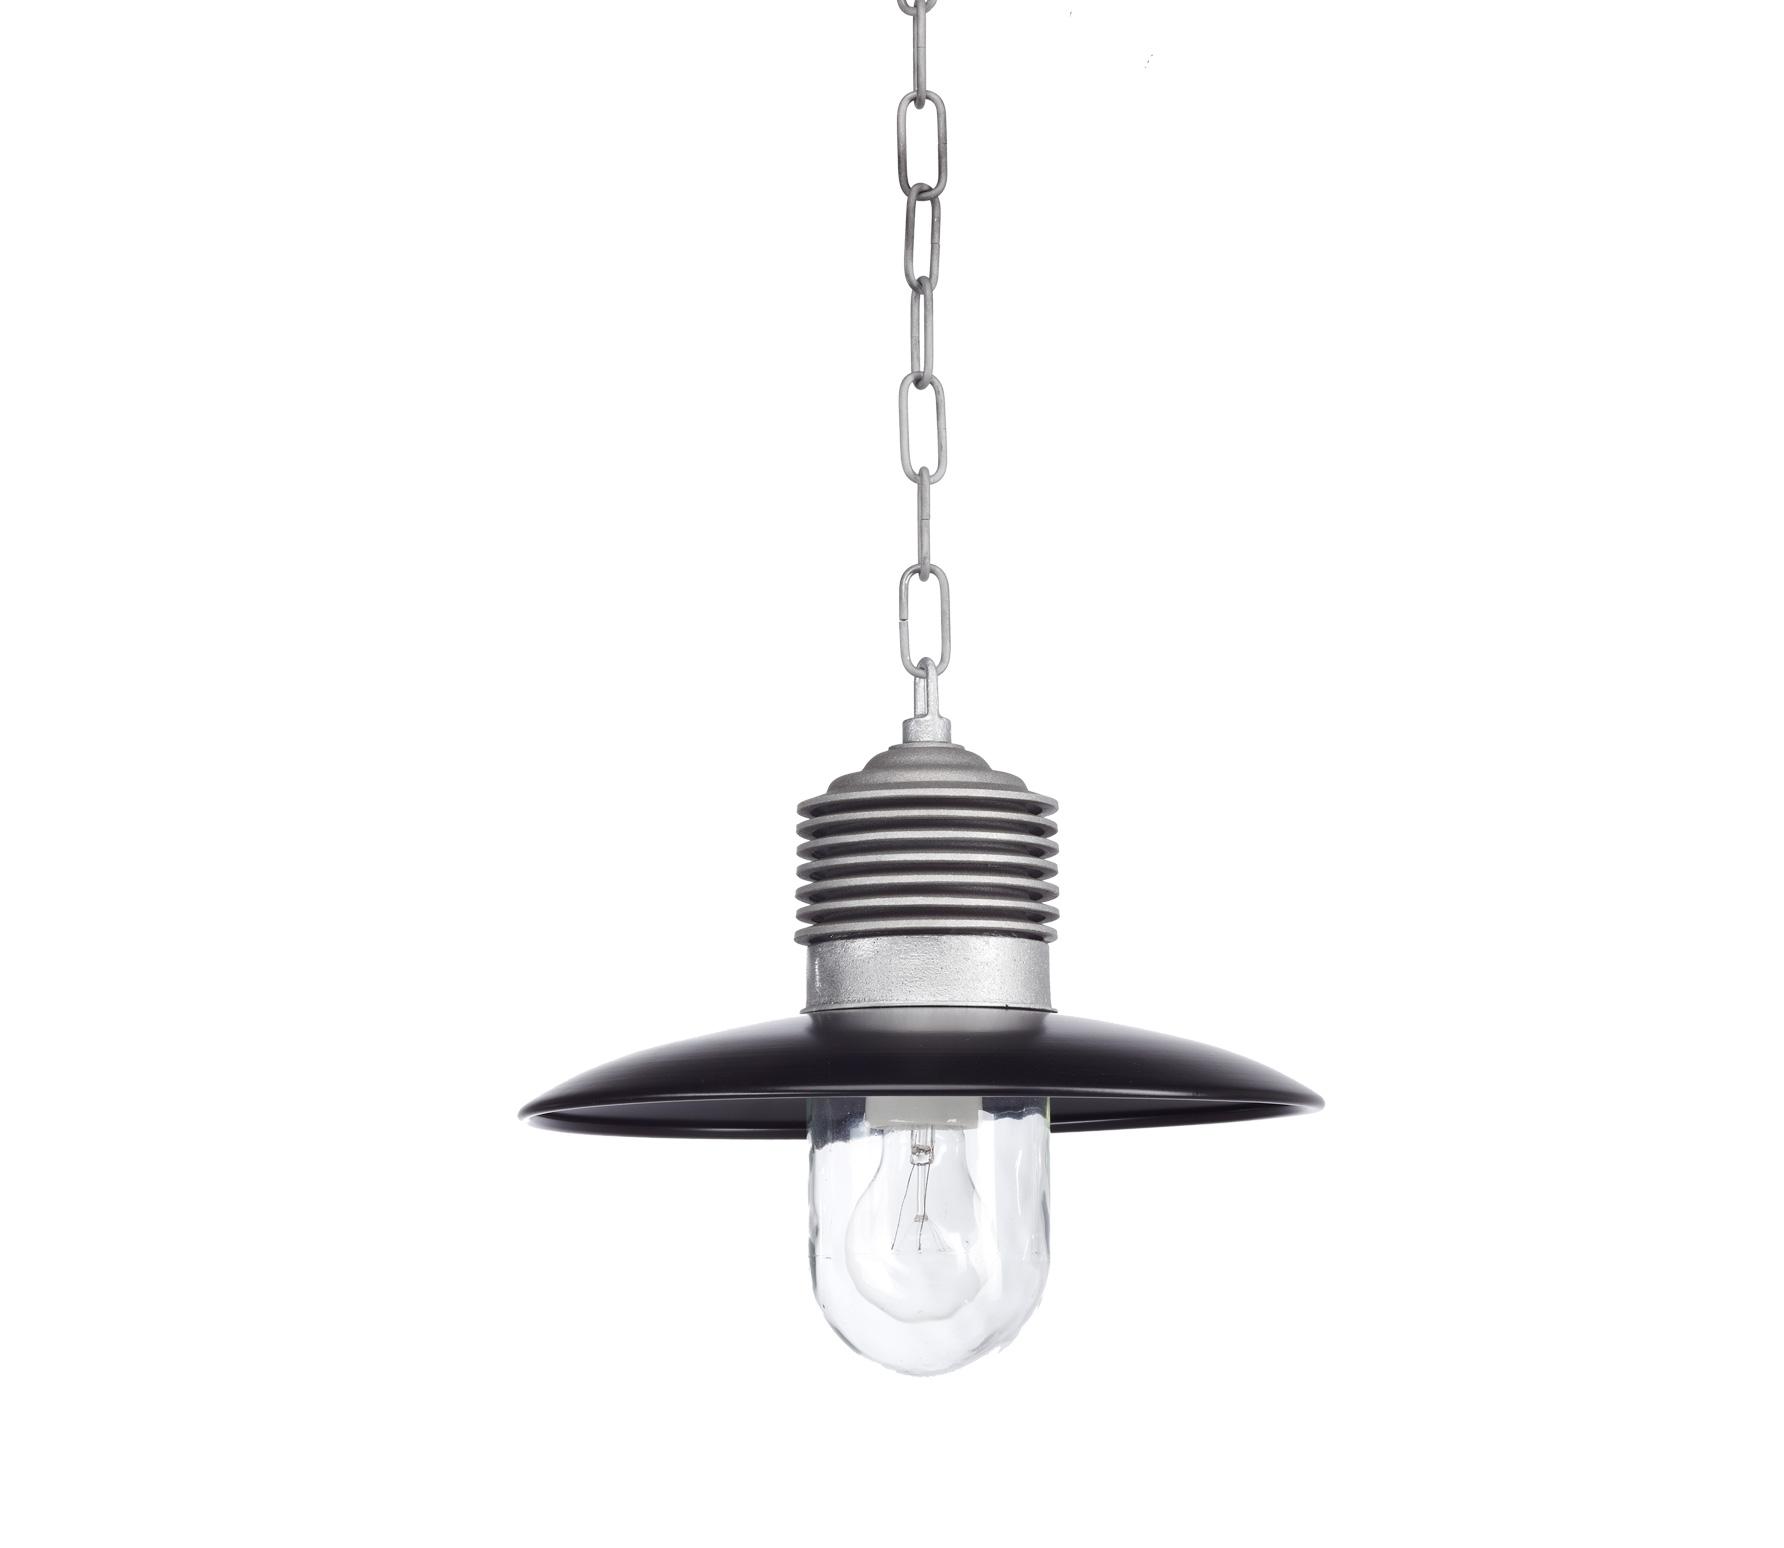 Amp�re hanglamp � 31 cm�aluminium zwart Onbehandeld/zwart